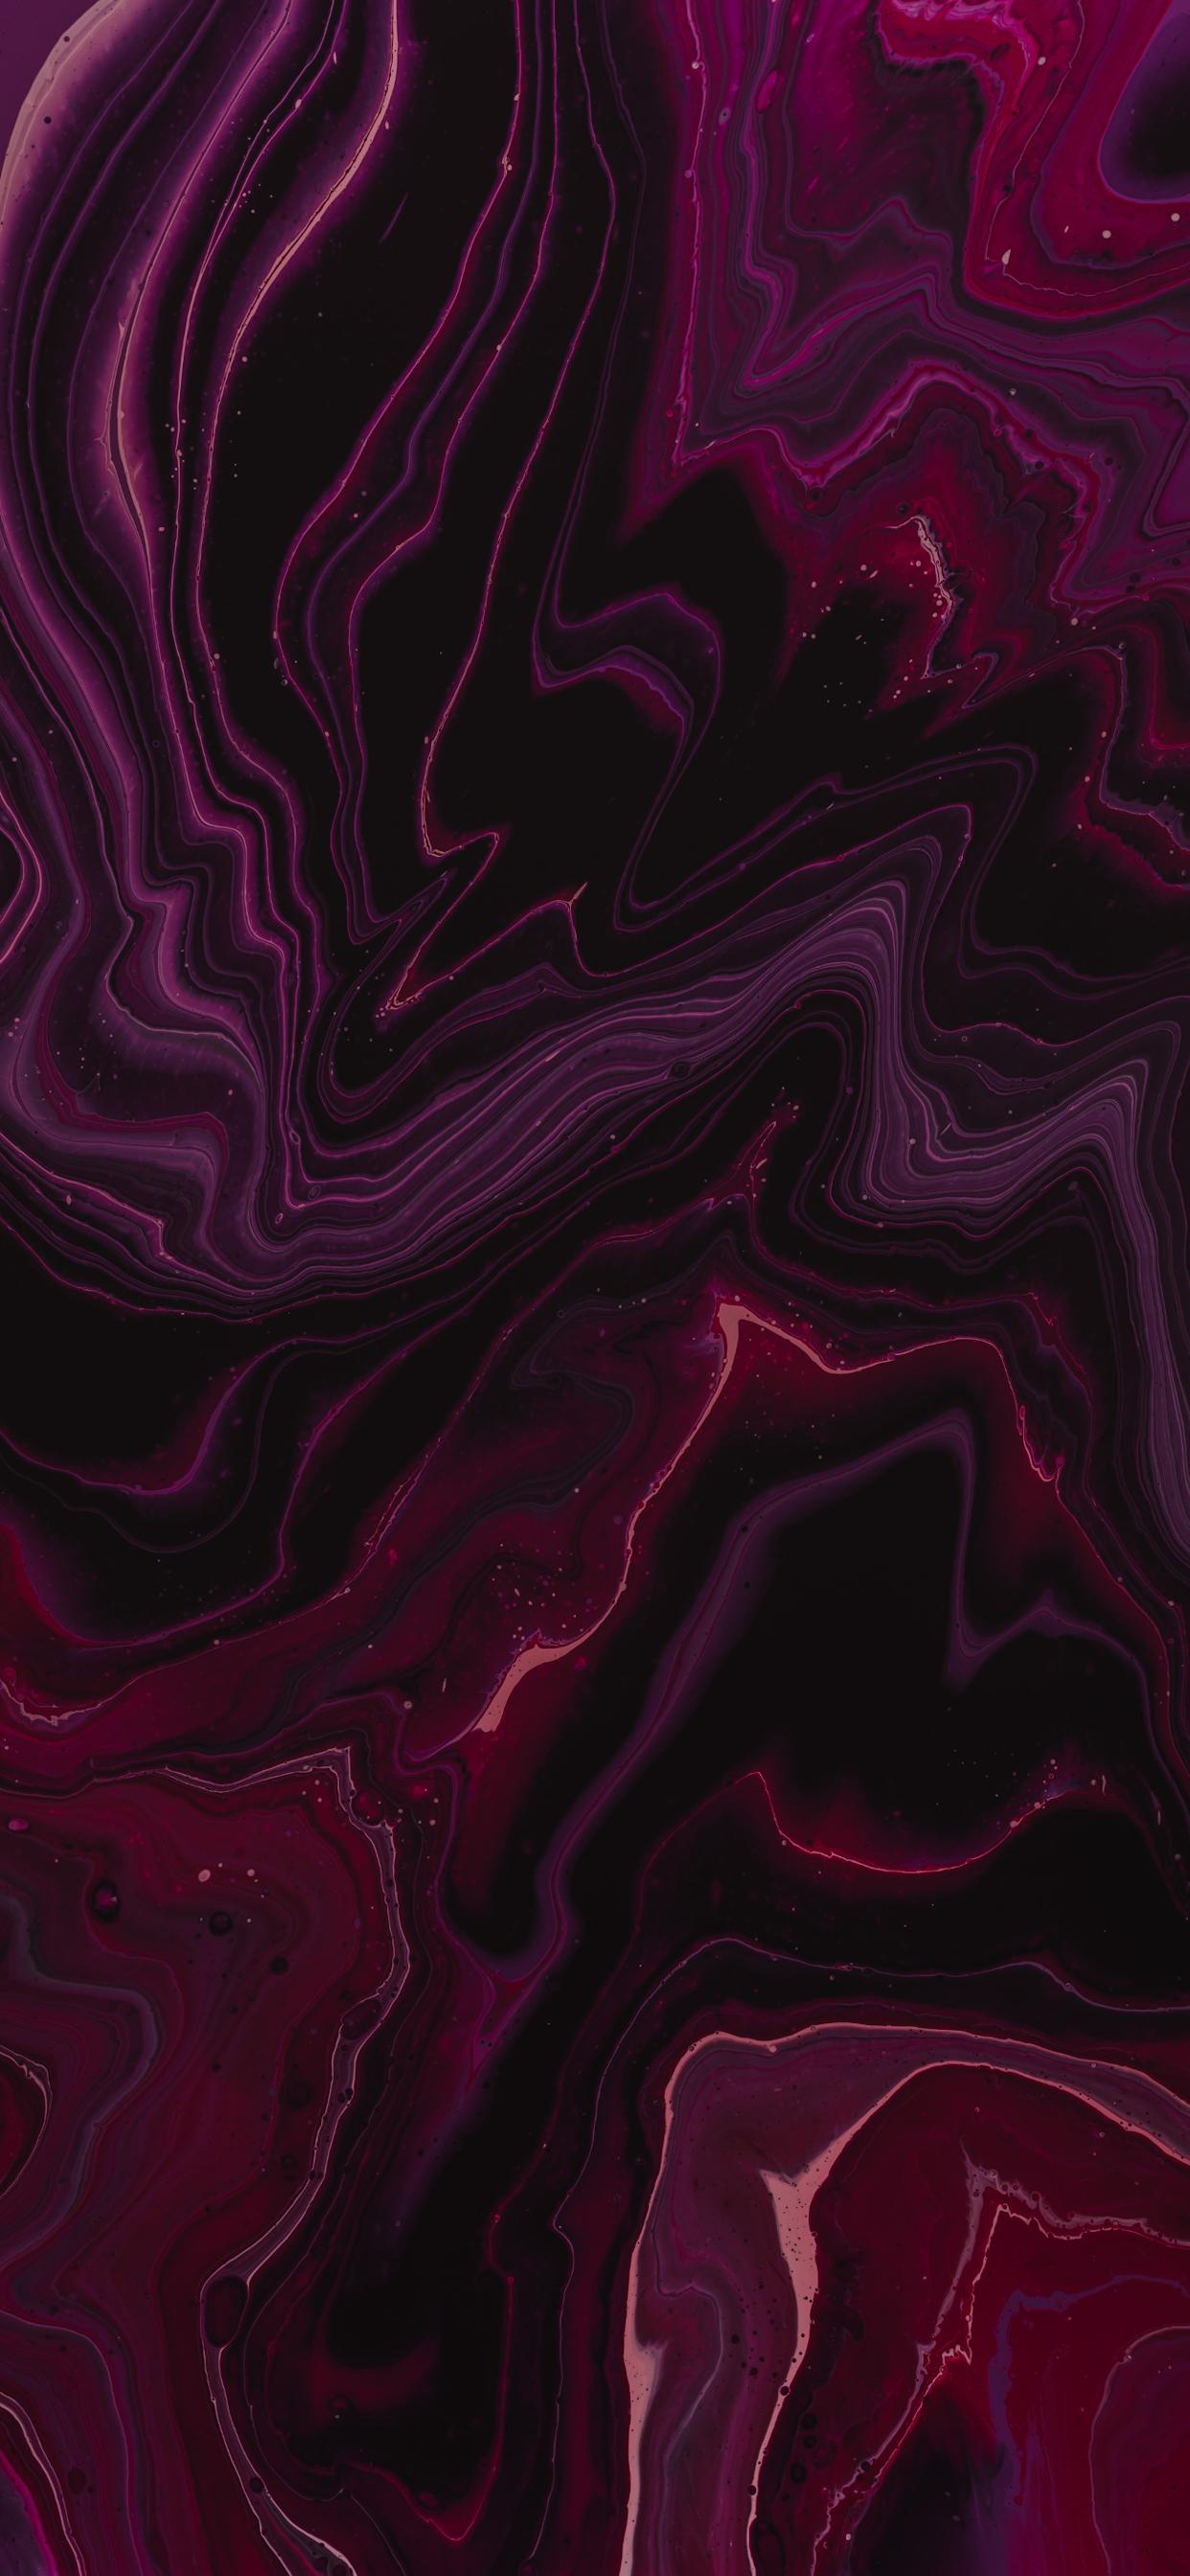 iPhone wallpapers liquid abstract pink black Fonds d'écran iPhone du 10/02/2020